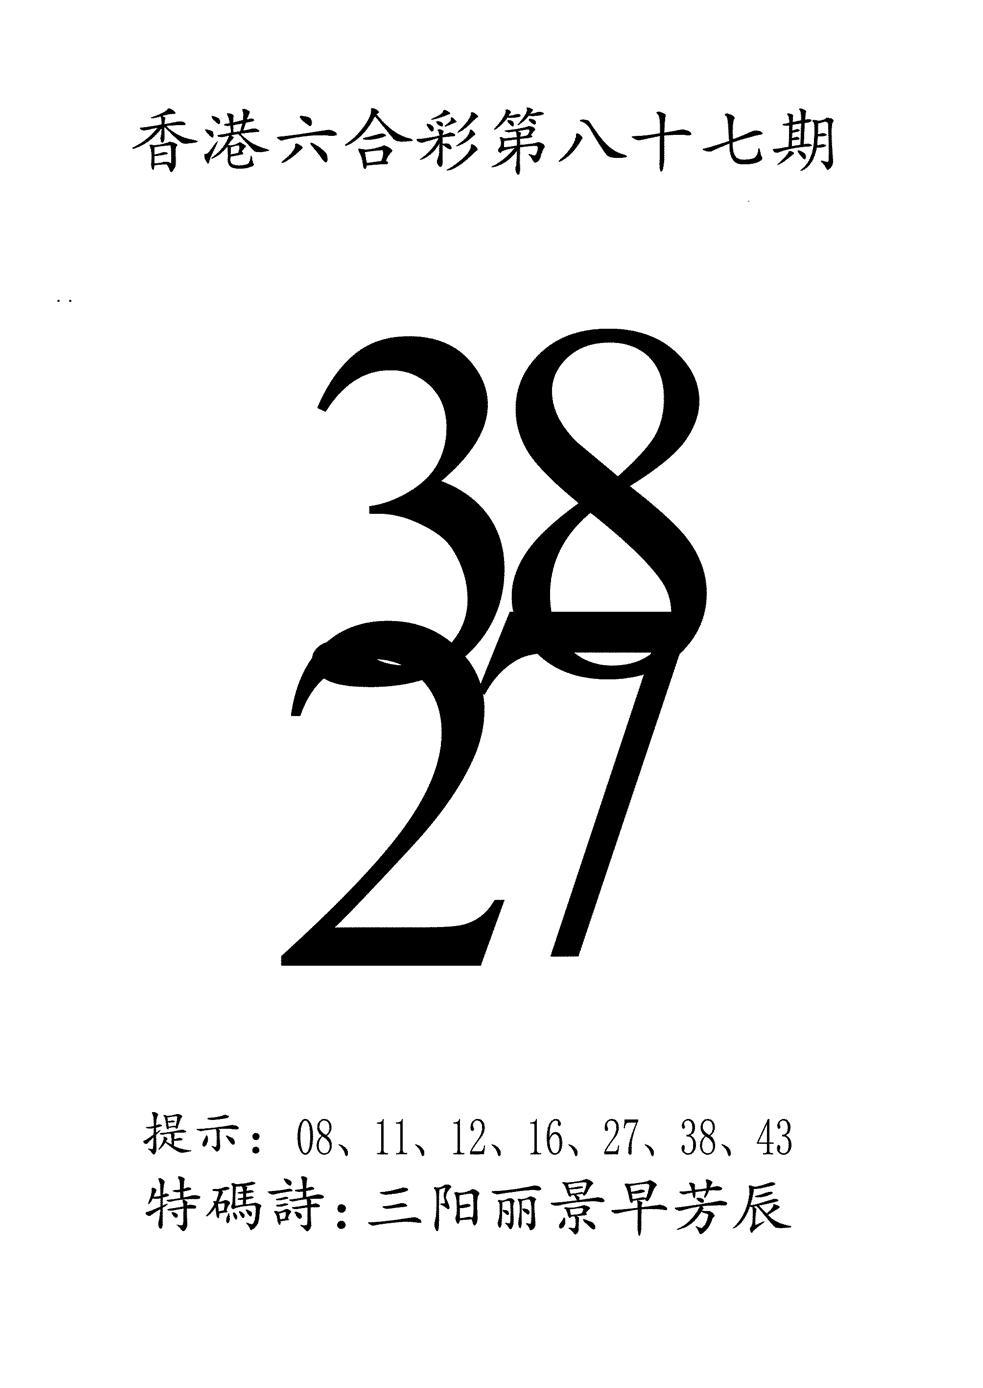 087期澳门三合王B(黑白)